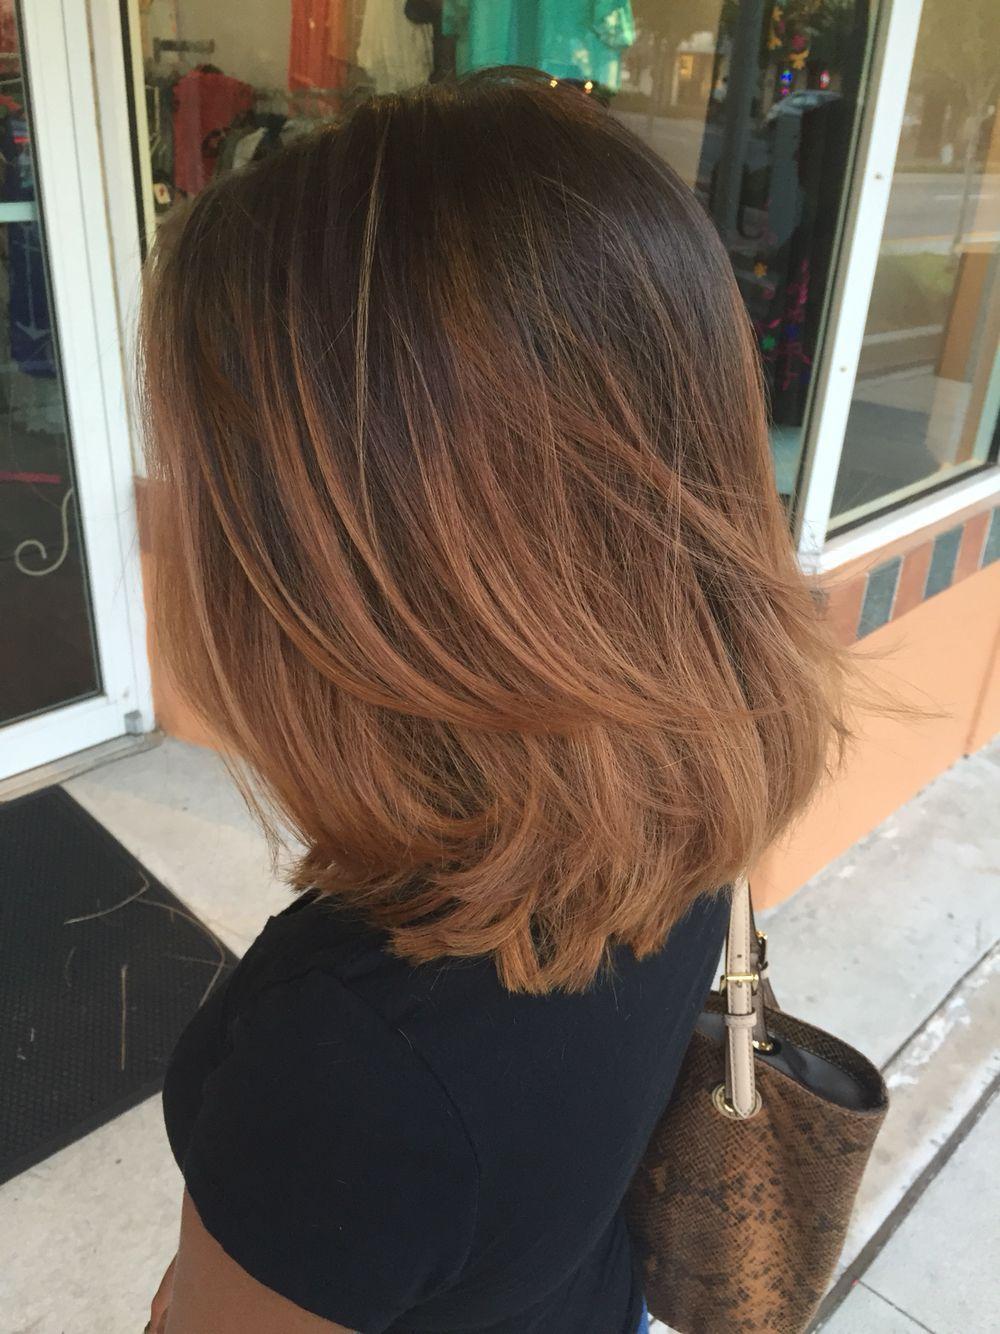 Eabcafabdeacag pixels hairstyles